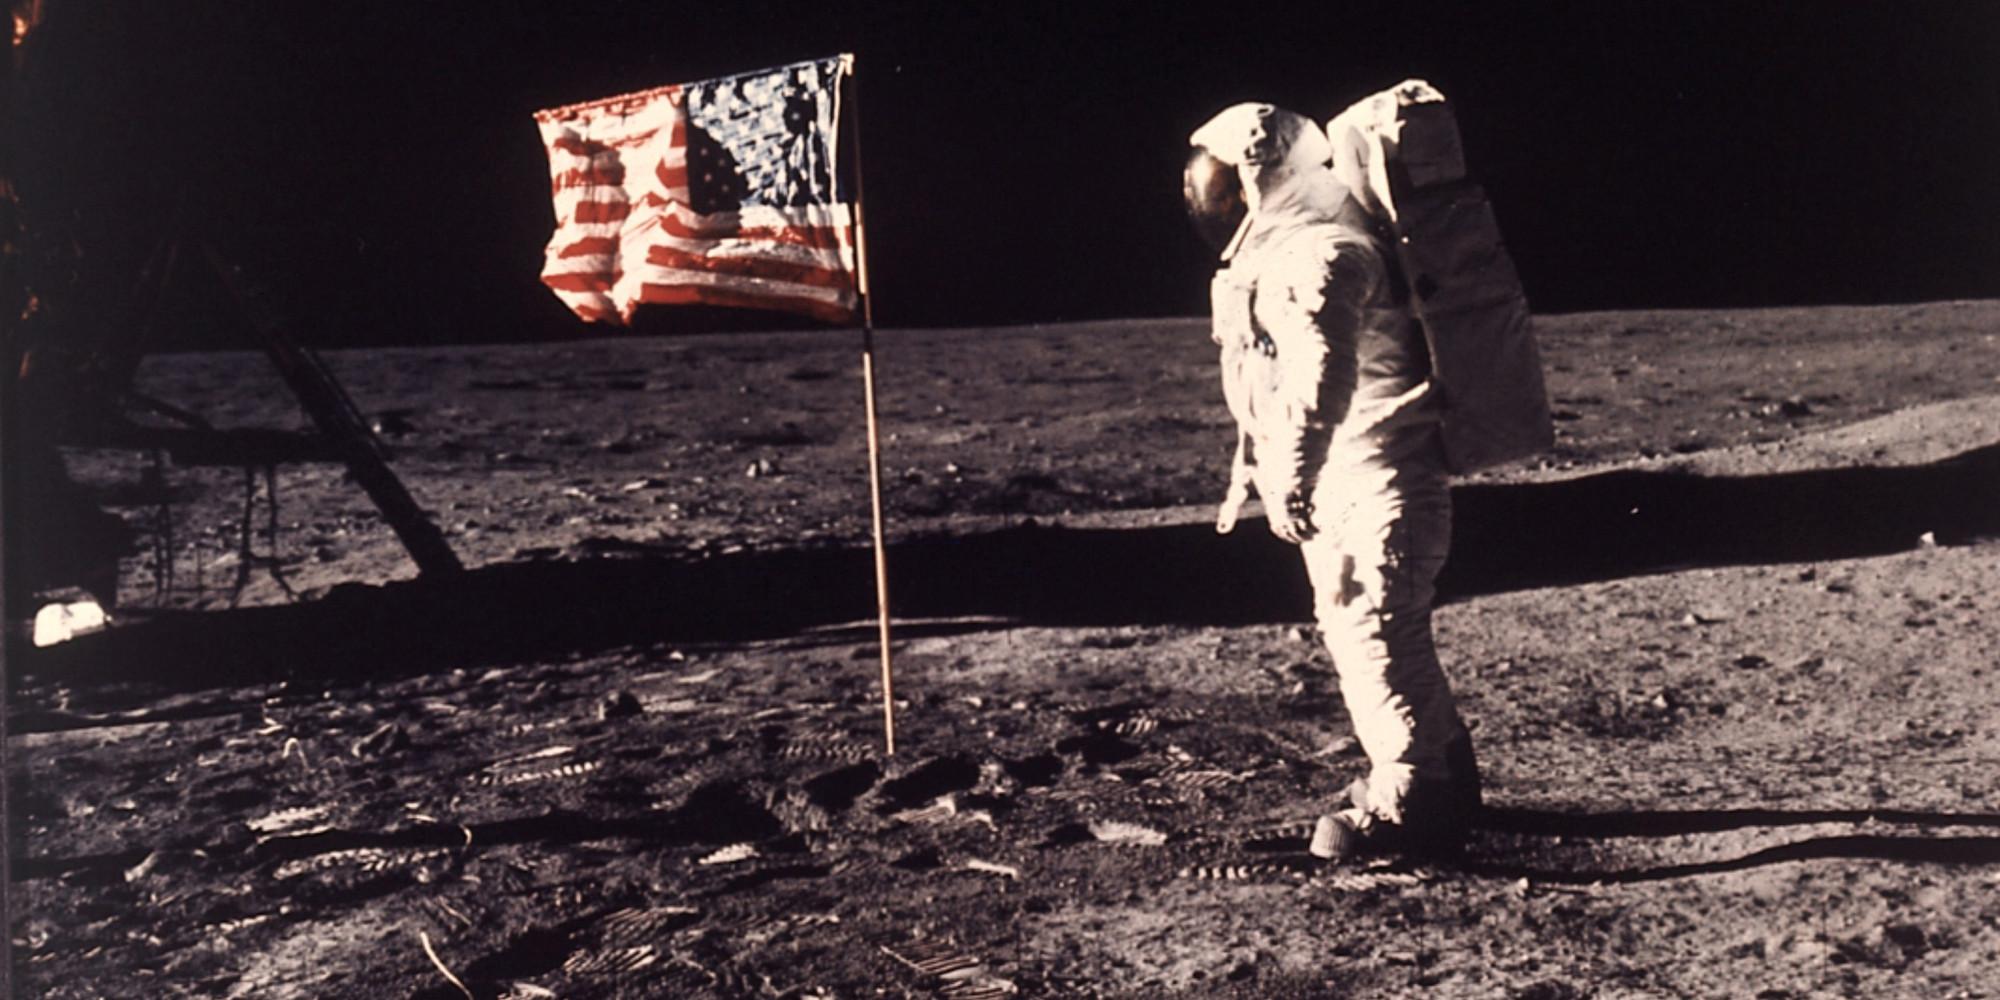 아폴로 11호 우주인 버즈 올드린은 진실을 말한 것인가?